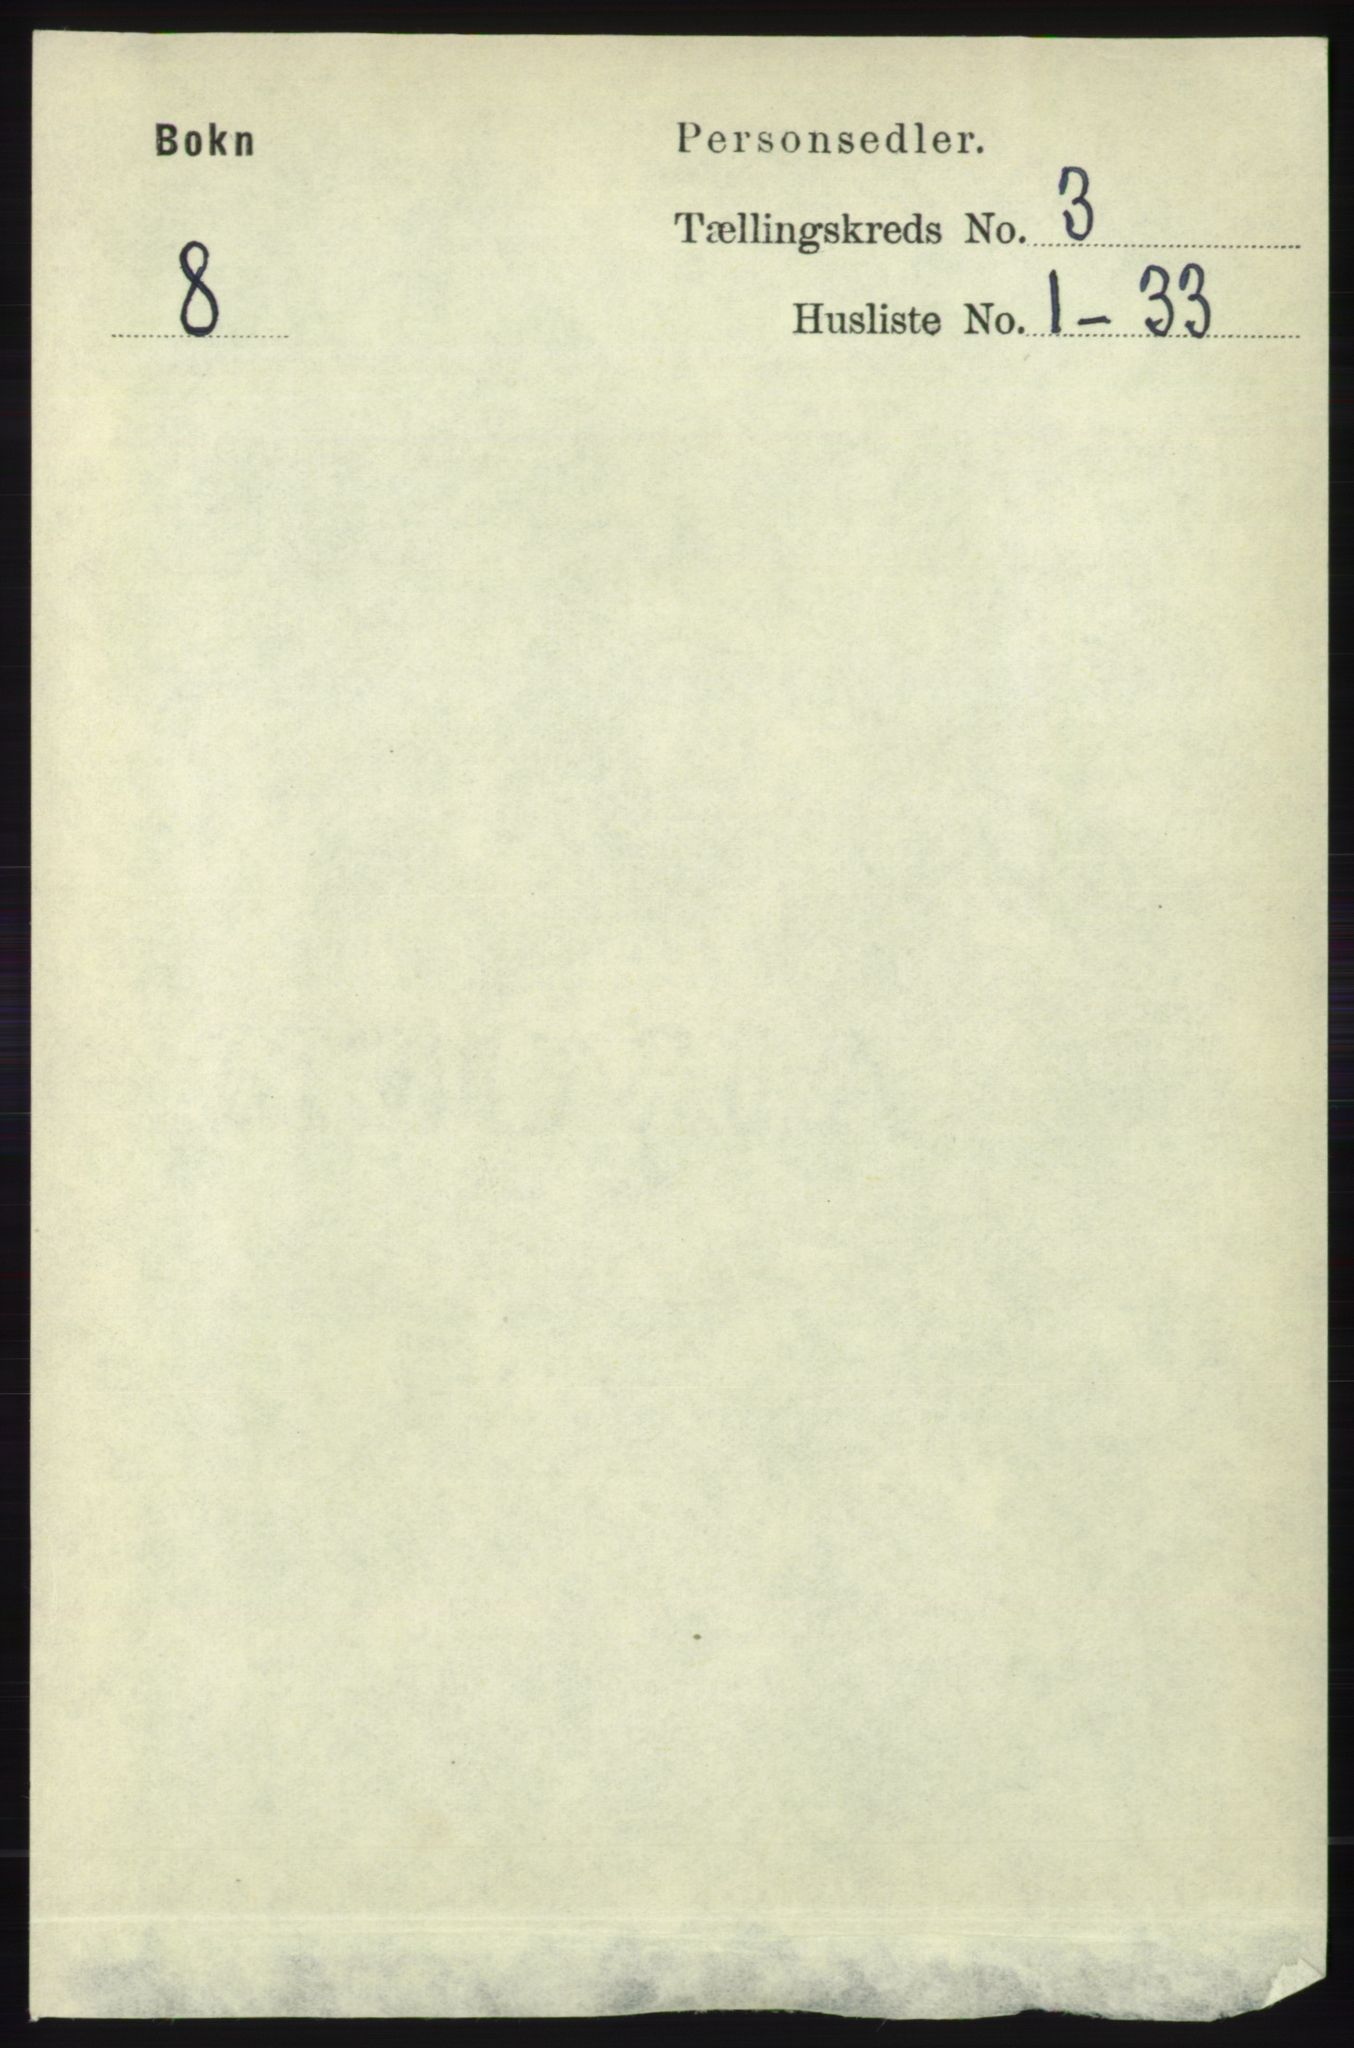 RA, Folketelling 1891 for 1145 Bokn herred, 1891, s. 625